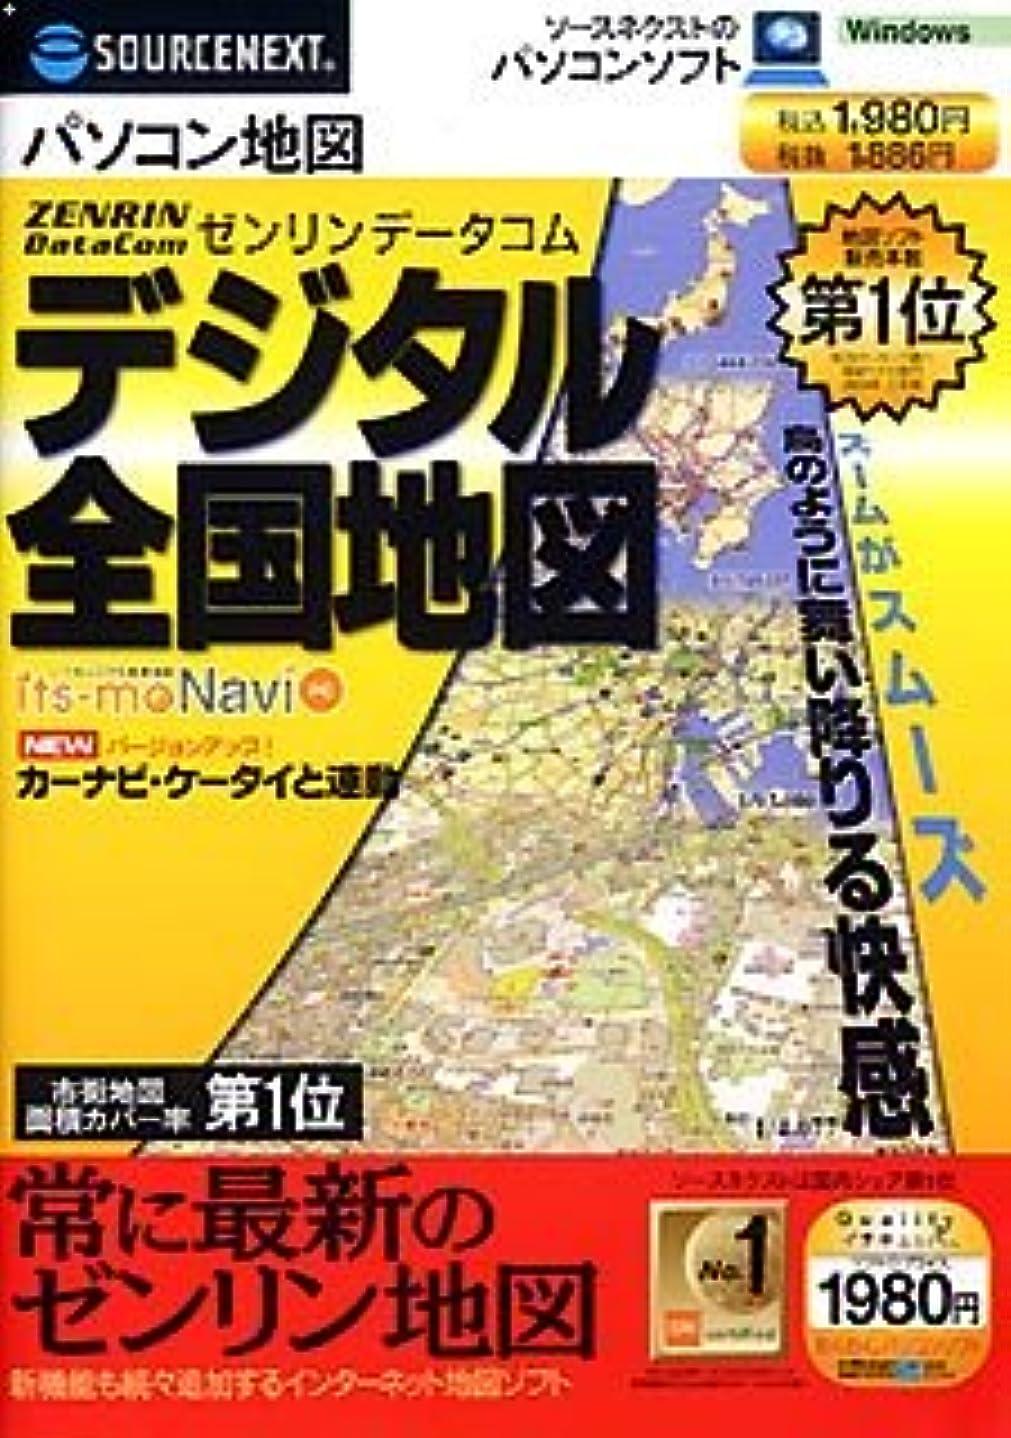 願う深遠髄ゼンリンデータコム デジタル全国地図 VER1.3 (税込\1980 スリムパッケージ版)